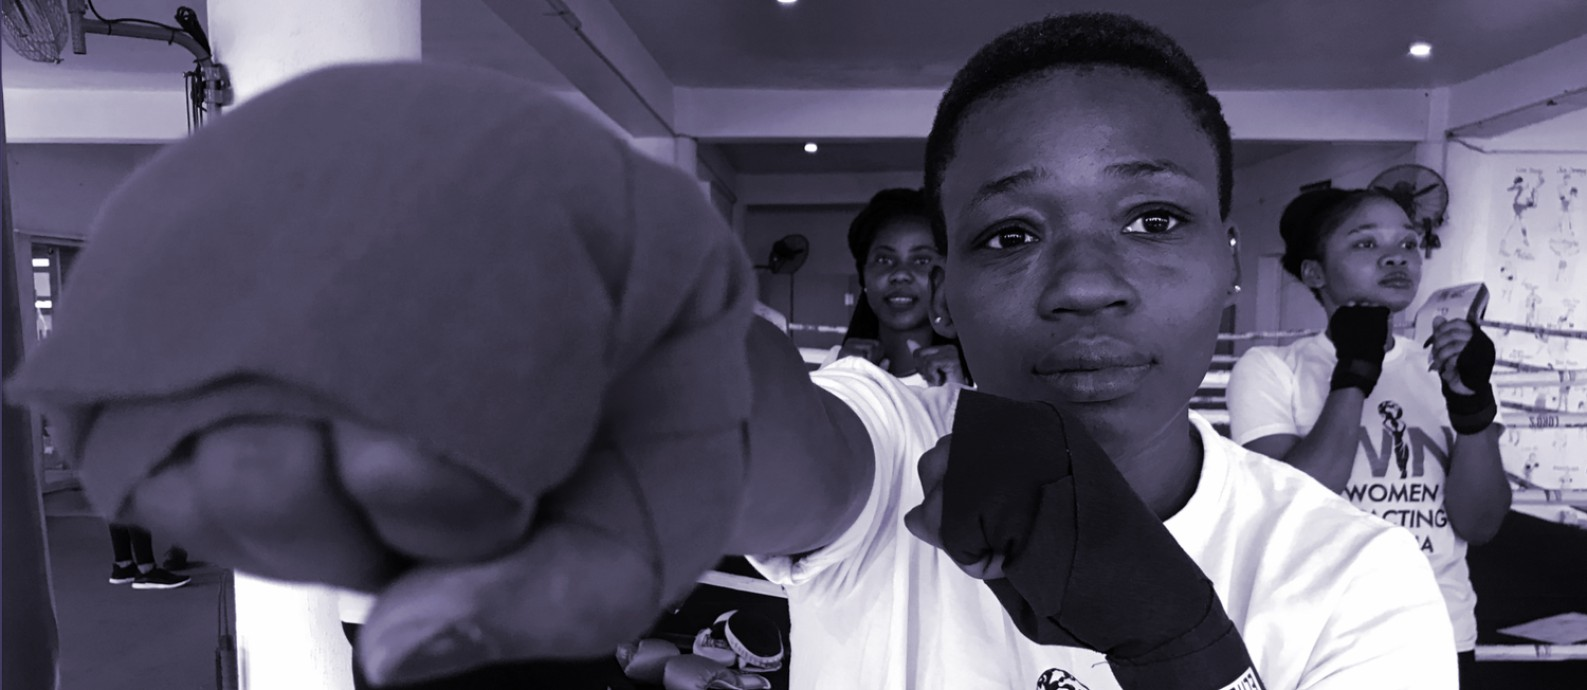 Depois de ser agredida, Adeola Olamide decidiu aprender técnicas de autodefesa para encarar um adversário maior e mais forte Foto: Reuters